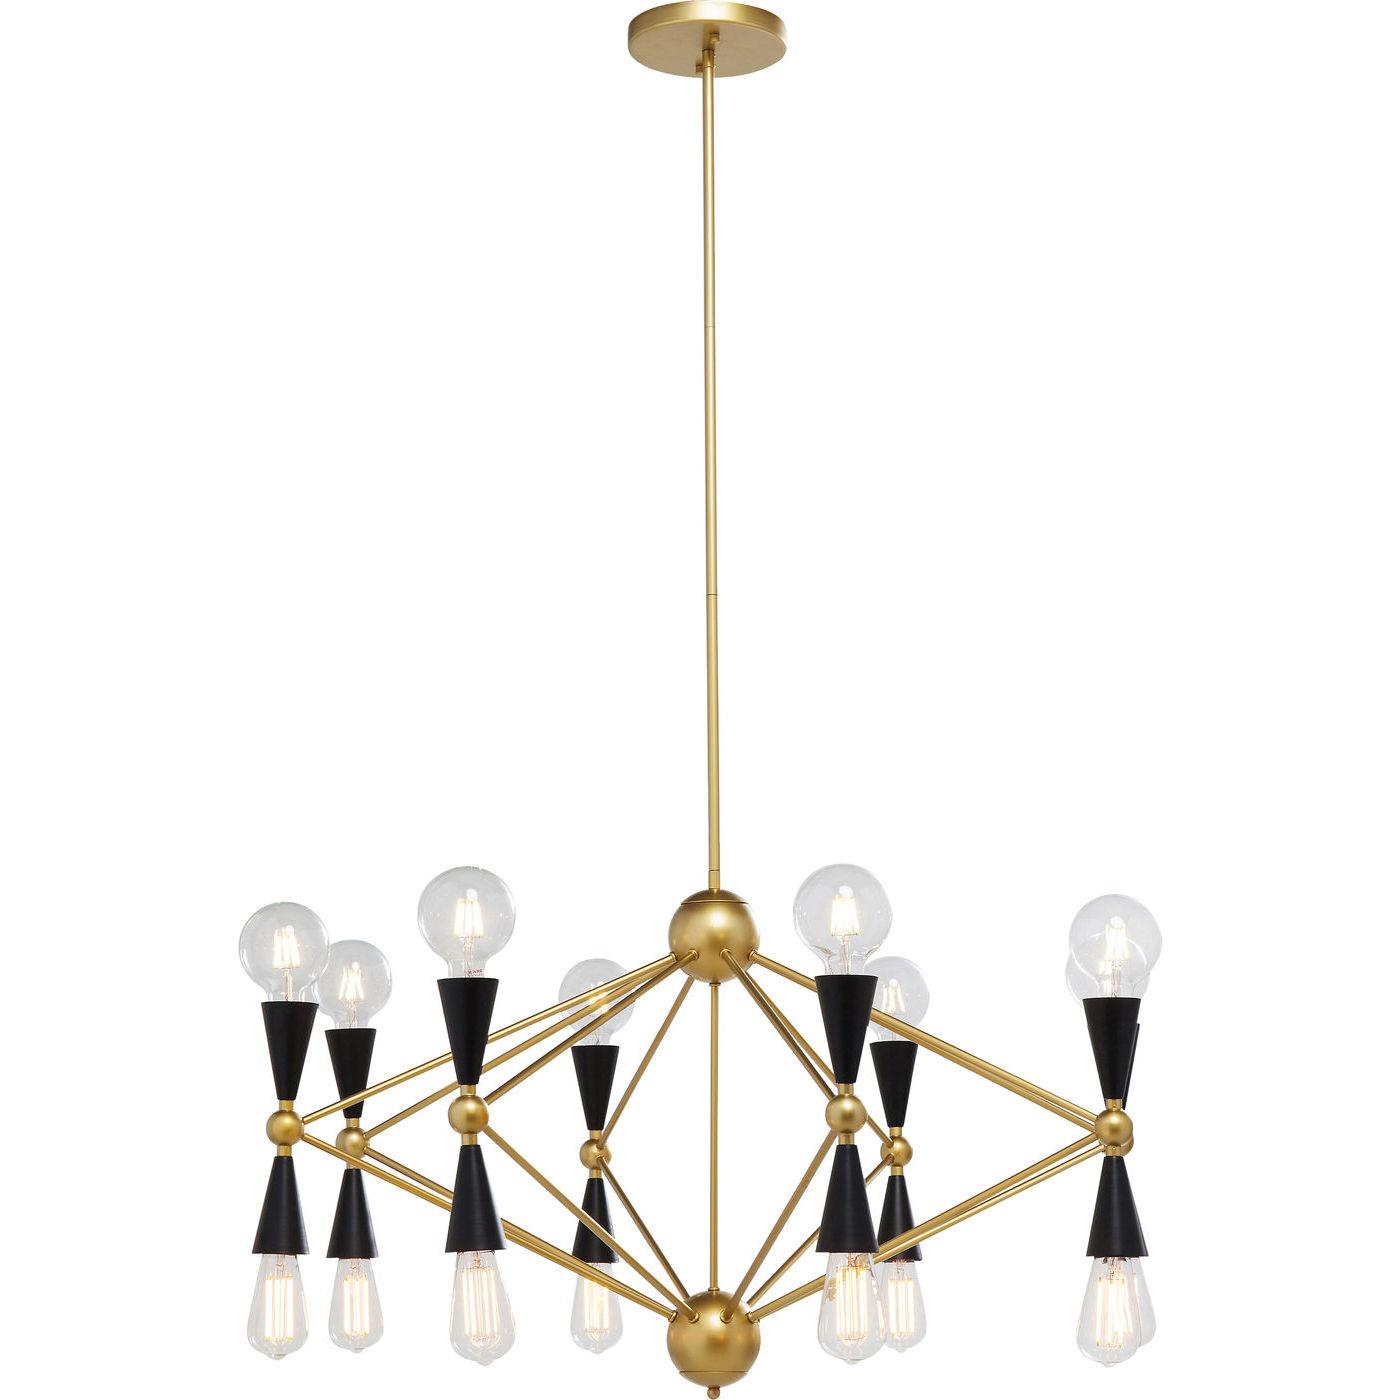 Kare design torch loftlampe - guld/sort stål, m. 16 lyspærer fra kare design fra boboonline.dk